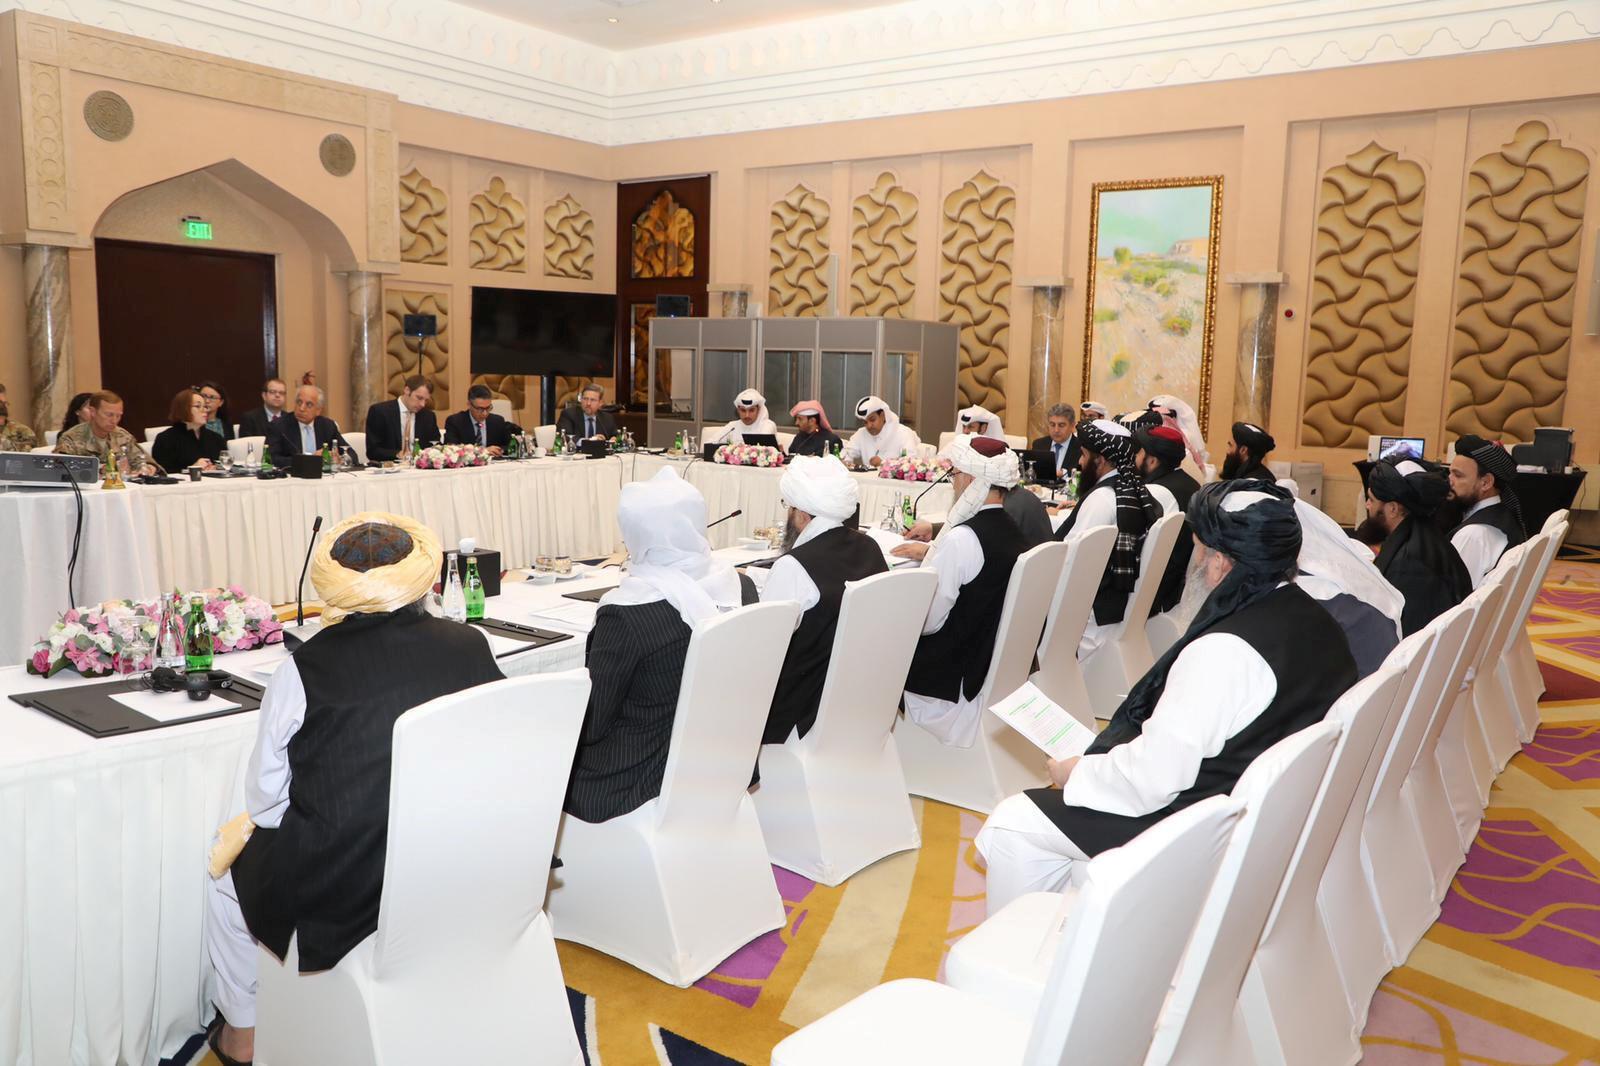 مقامات ایالات متحده آمریکا، طالبان و قطر، در جلسه مذاکرات صلح در دوحه.